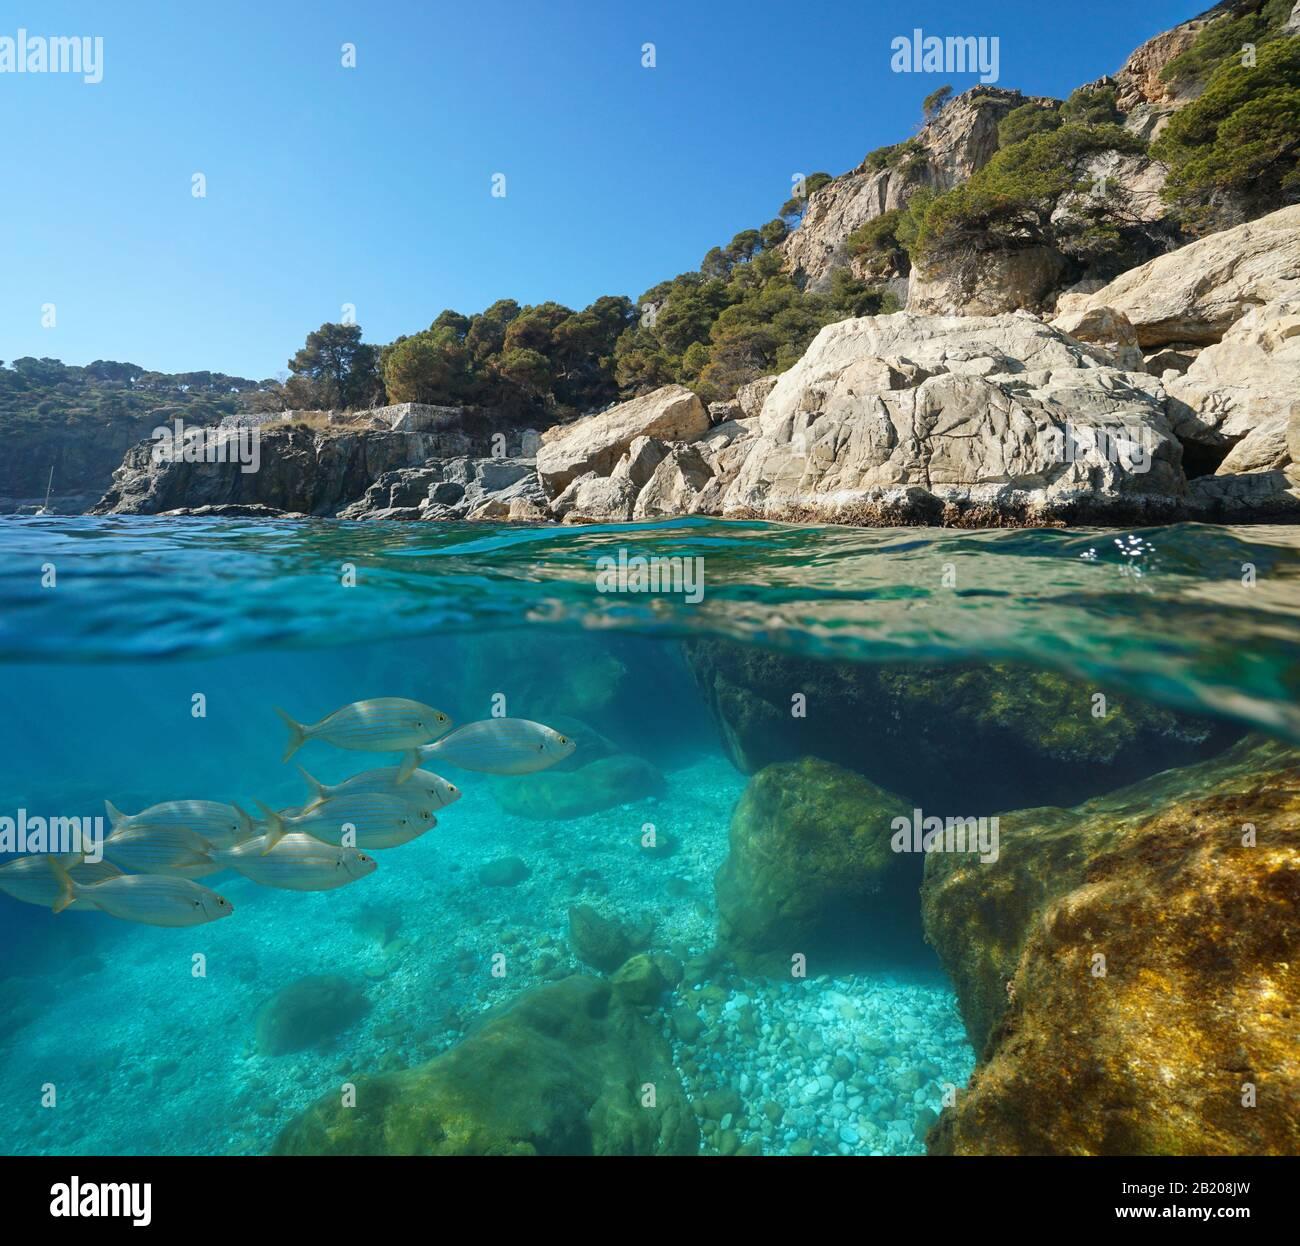 Mar Mediterráneo, costa rocosa con peces bajo el agua, vista dividida sobre y debajo de la superficie del agua, España, Costa Brava, Rosas, Cataluña Foto de stock